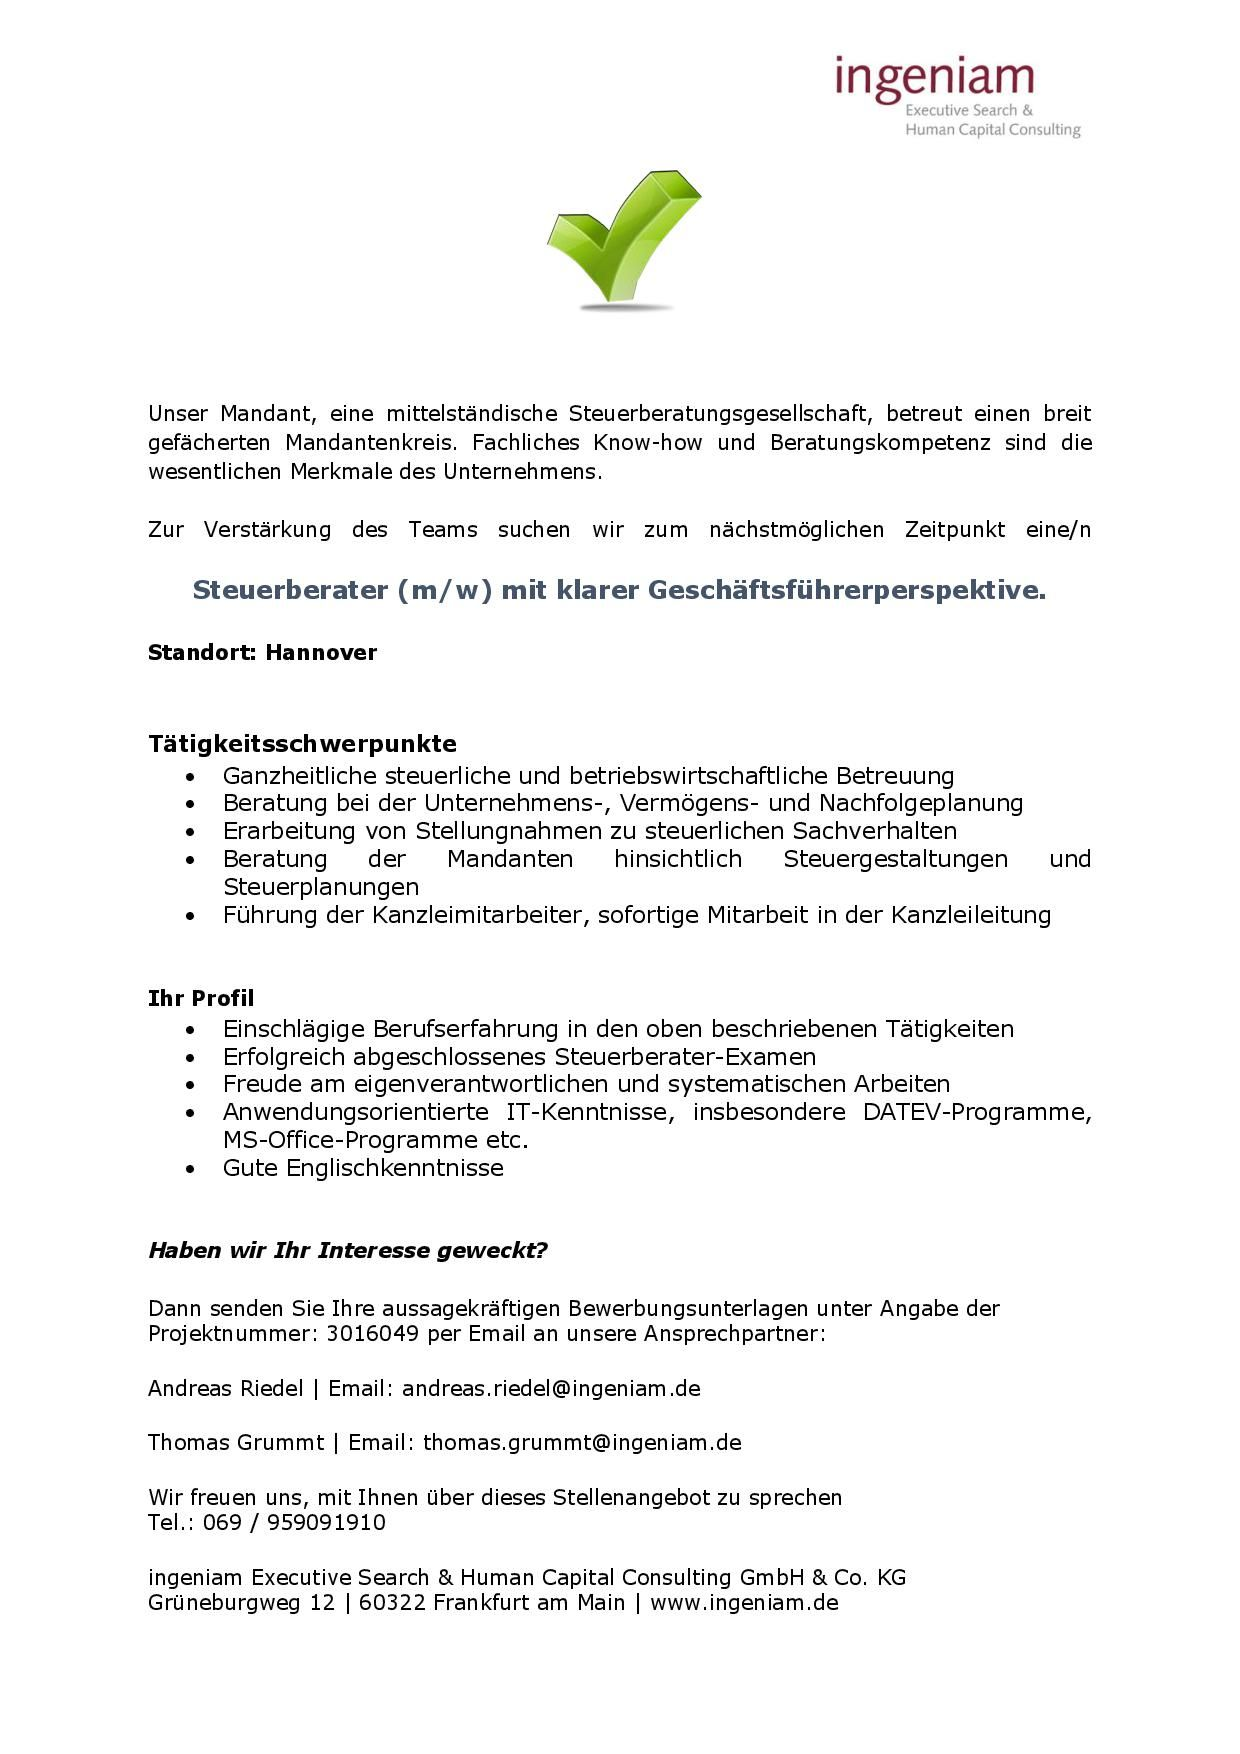 Pin Von Kanzlei Job Kg Auf Steuerberater M W Lebenslauf Lebenslauf Muster Lebenslauf Aktuell